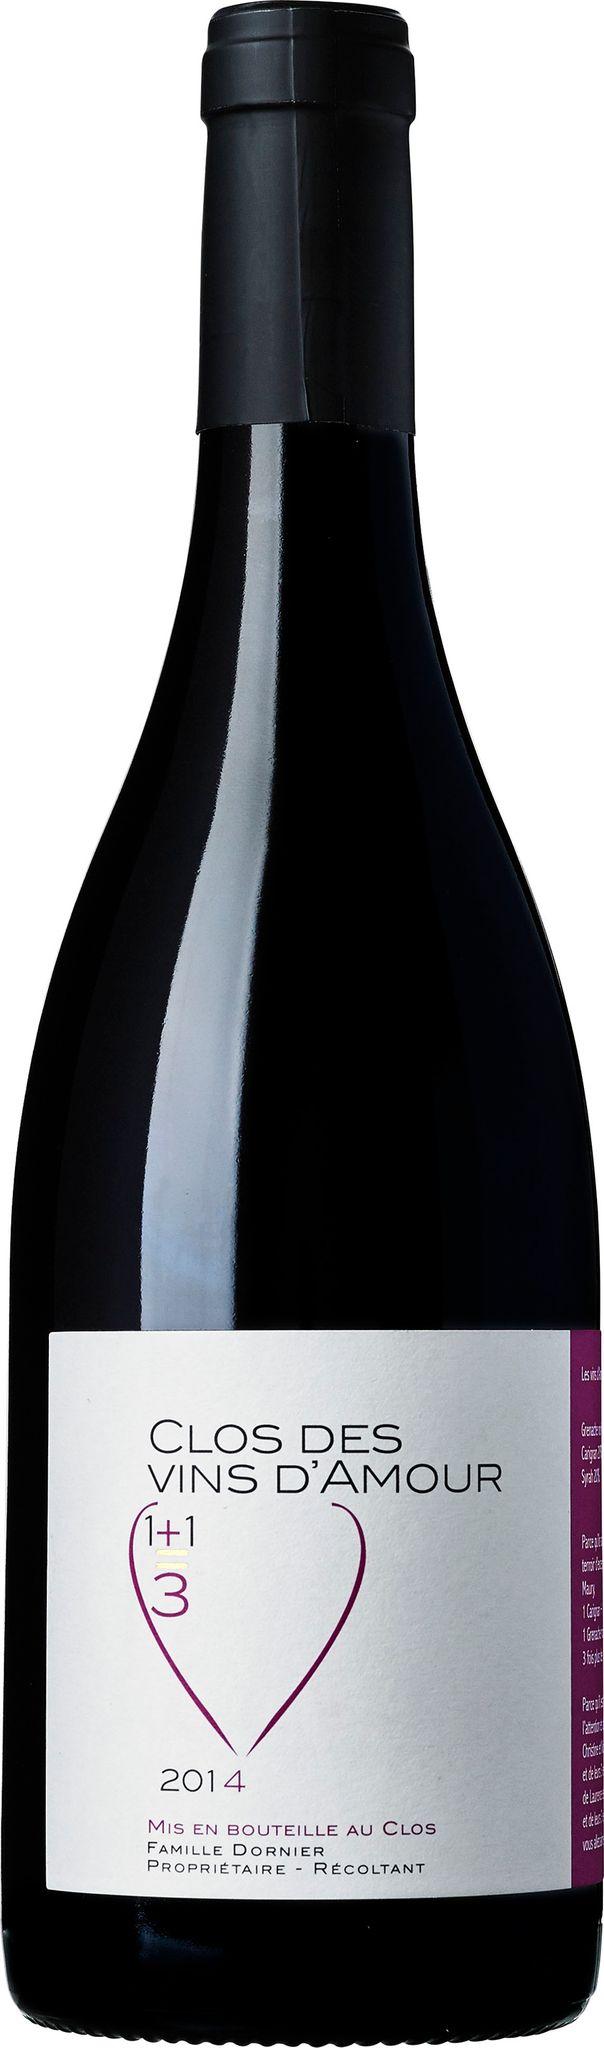 Produktbild på Clos des Vins d'Amour